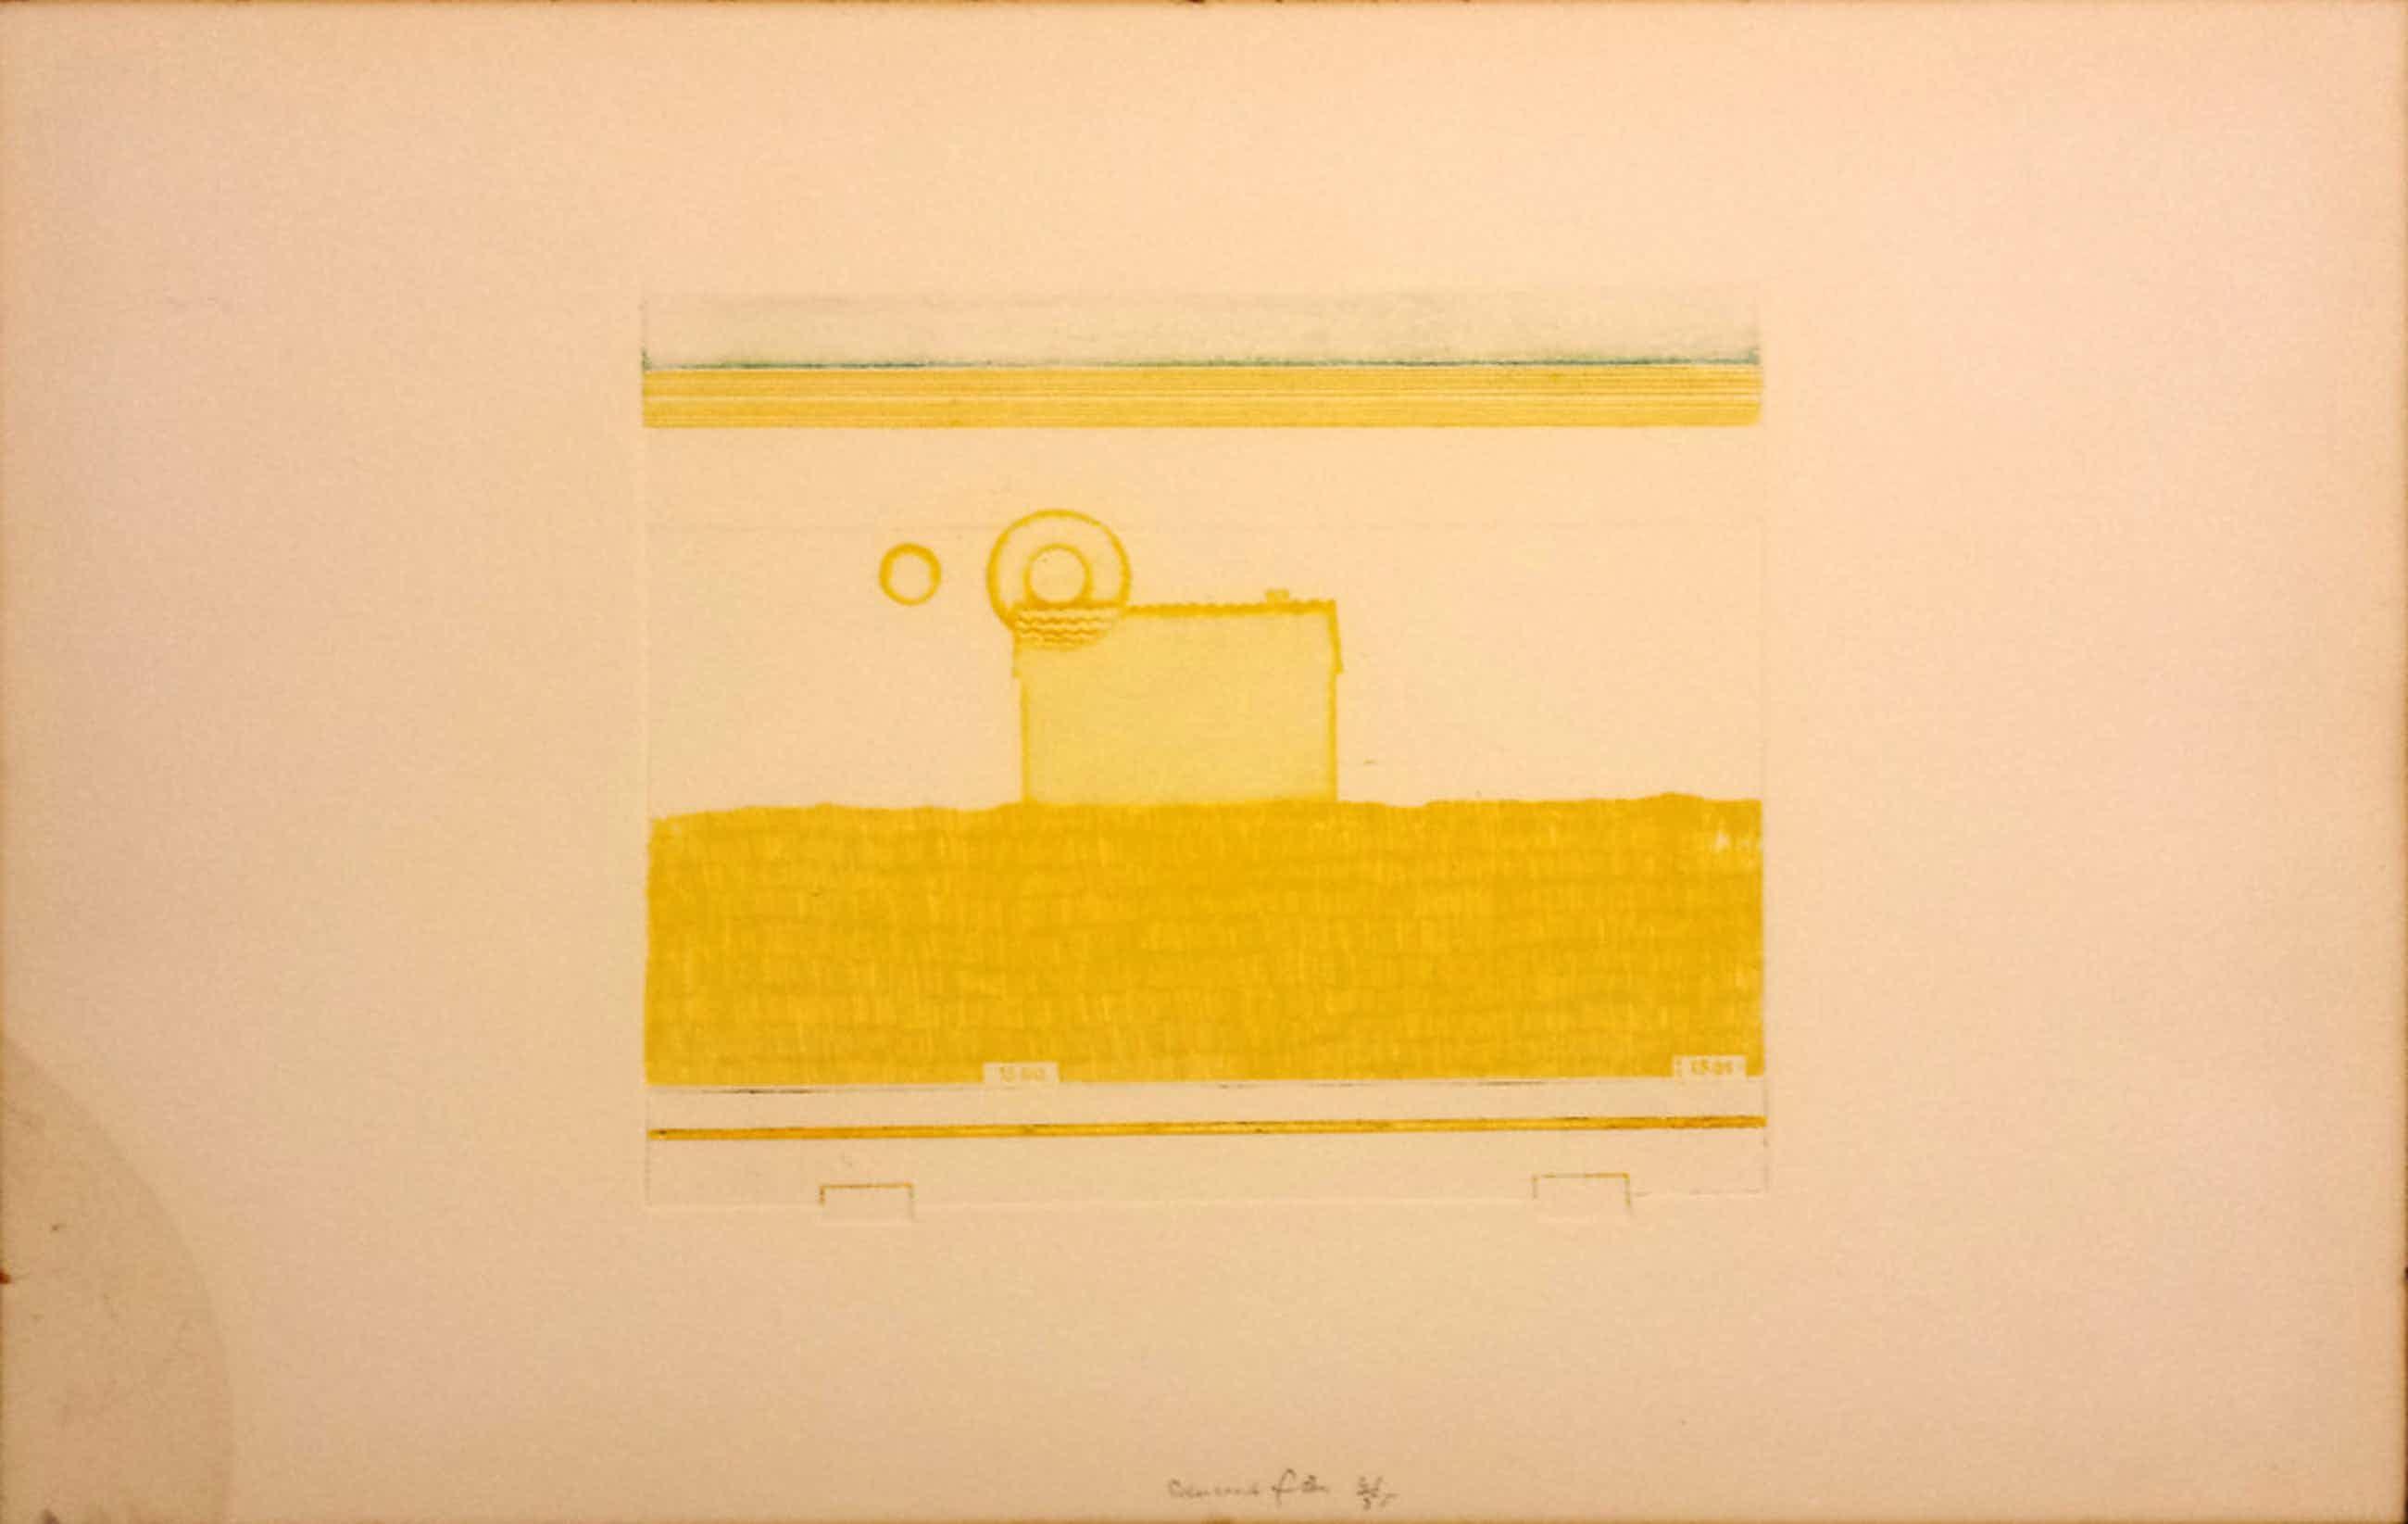 Eduard Flor, Ets nr 3, tijd, 1974 kopen? Bied vanaf 41!